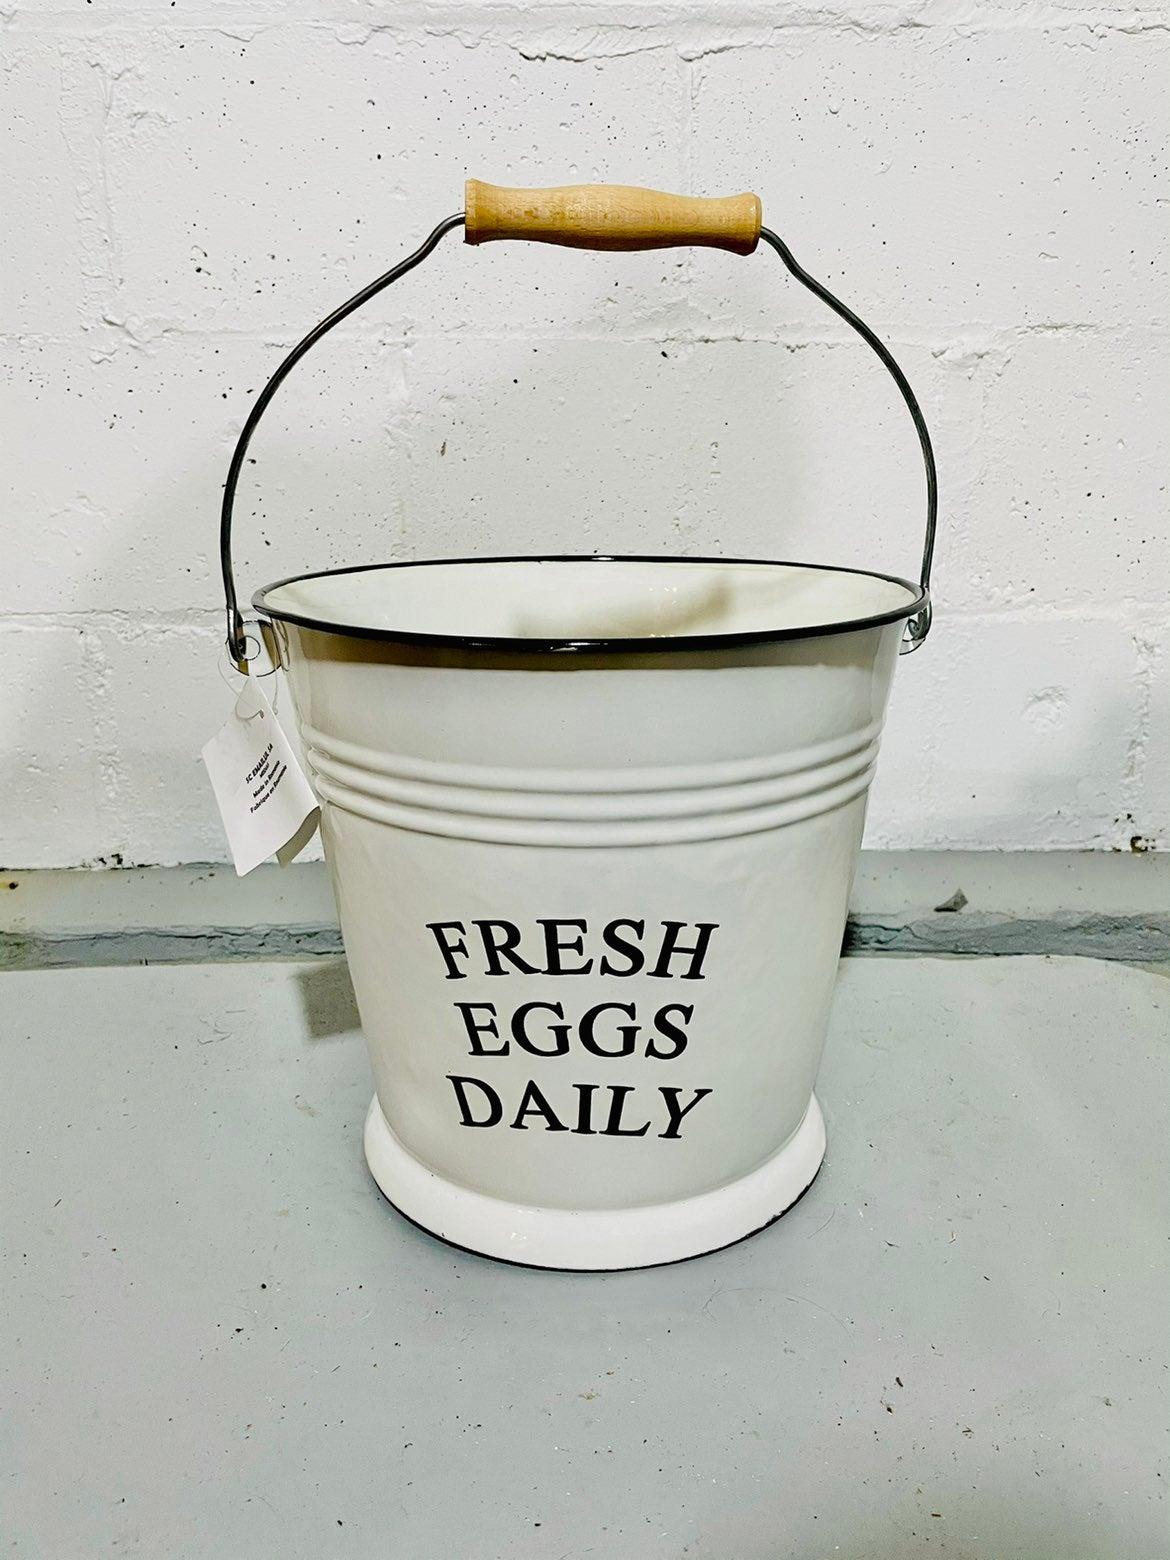 Fresh Eggs Daily Bucket Farmhouse Decor